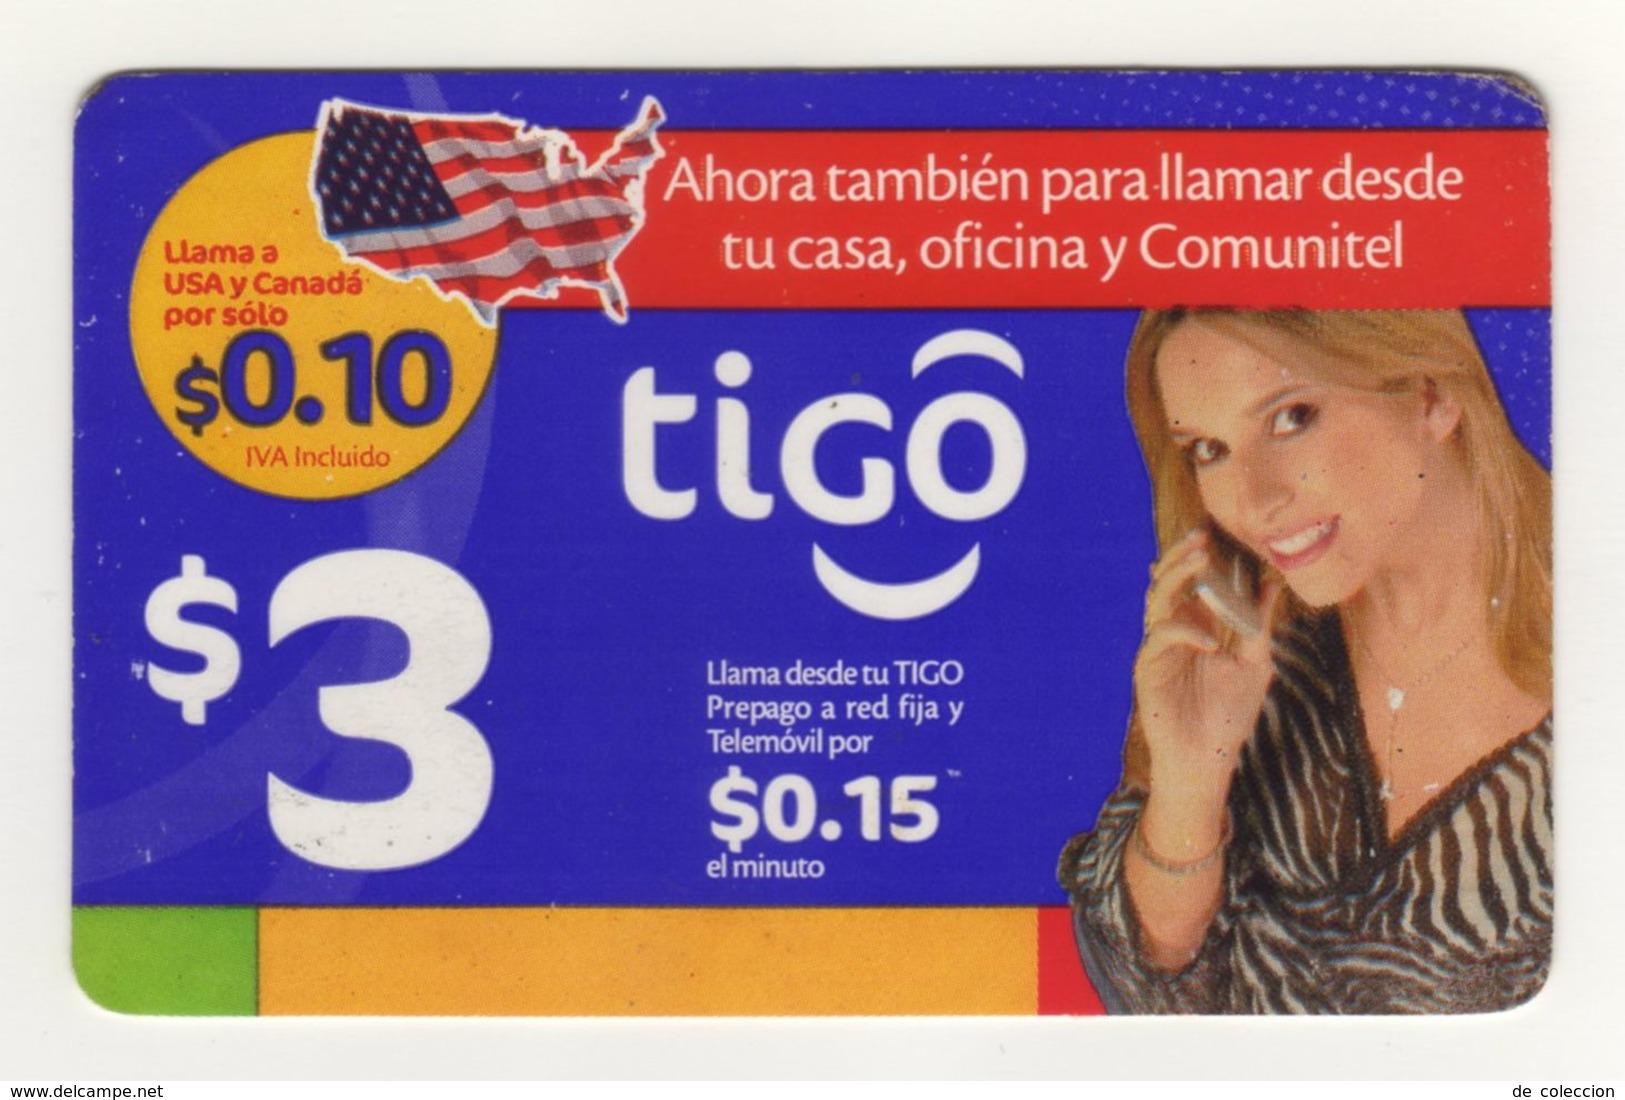 El Salvador Tigo Card $3 Girl Talking On Cell, Validity 15.03.2009, Used - El Salvador